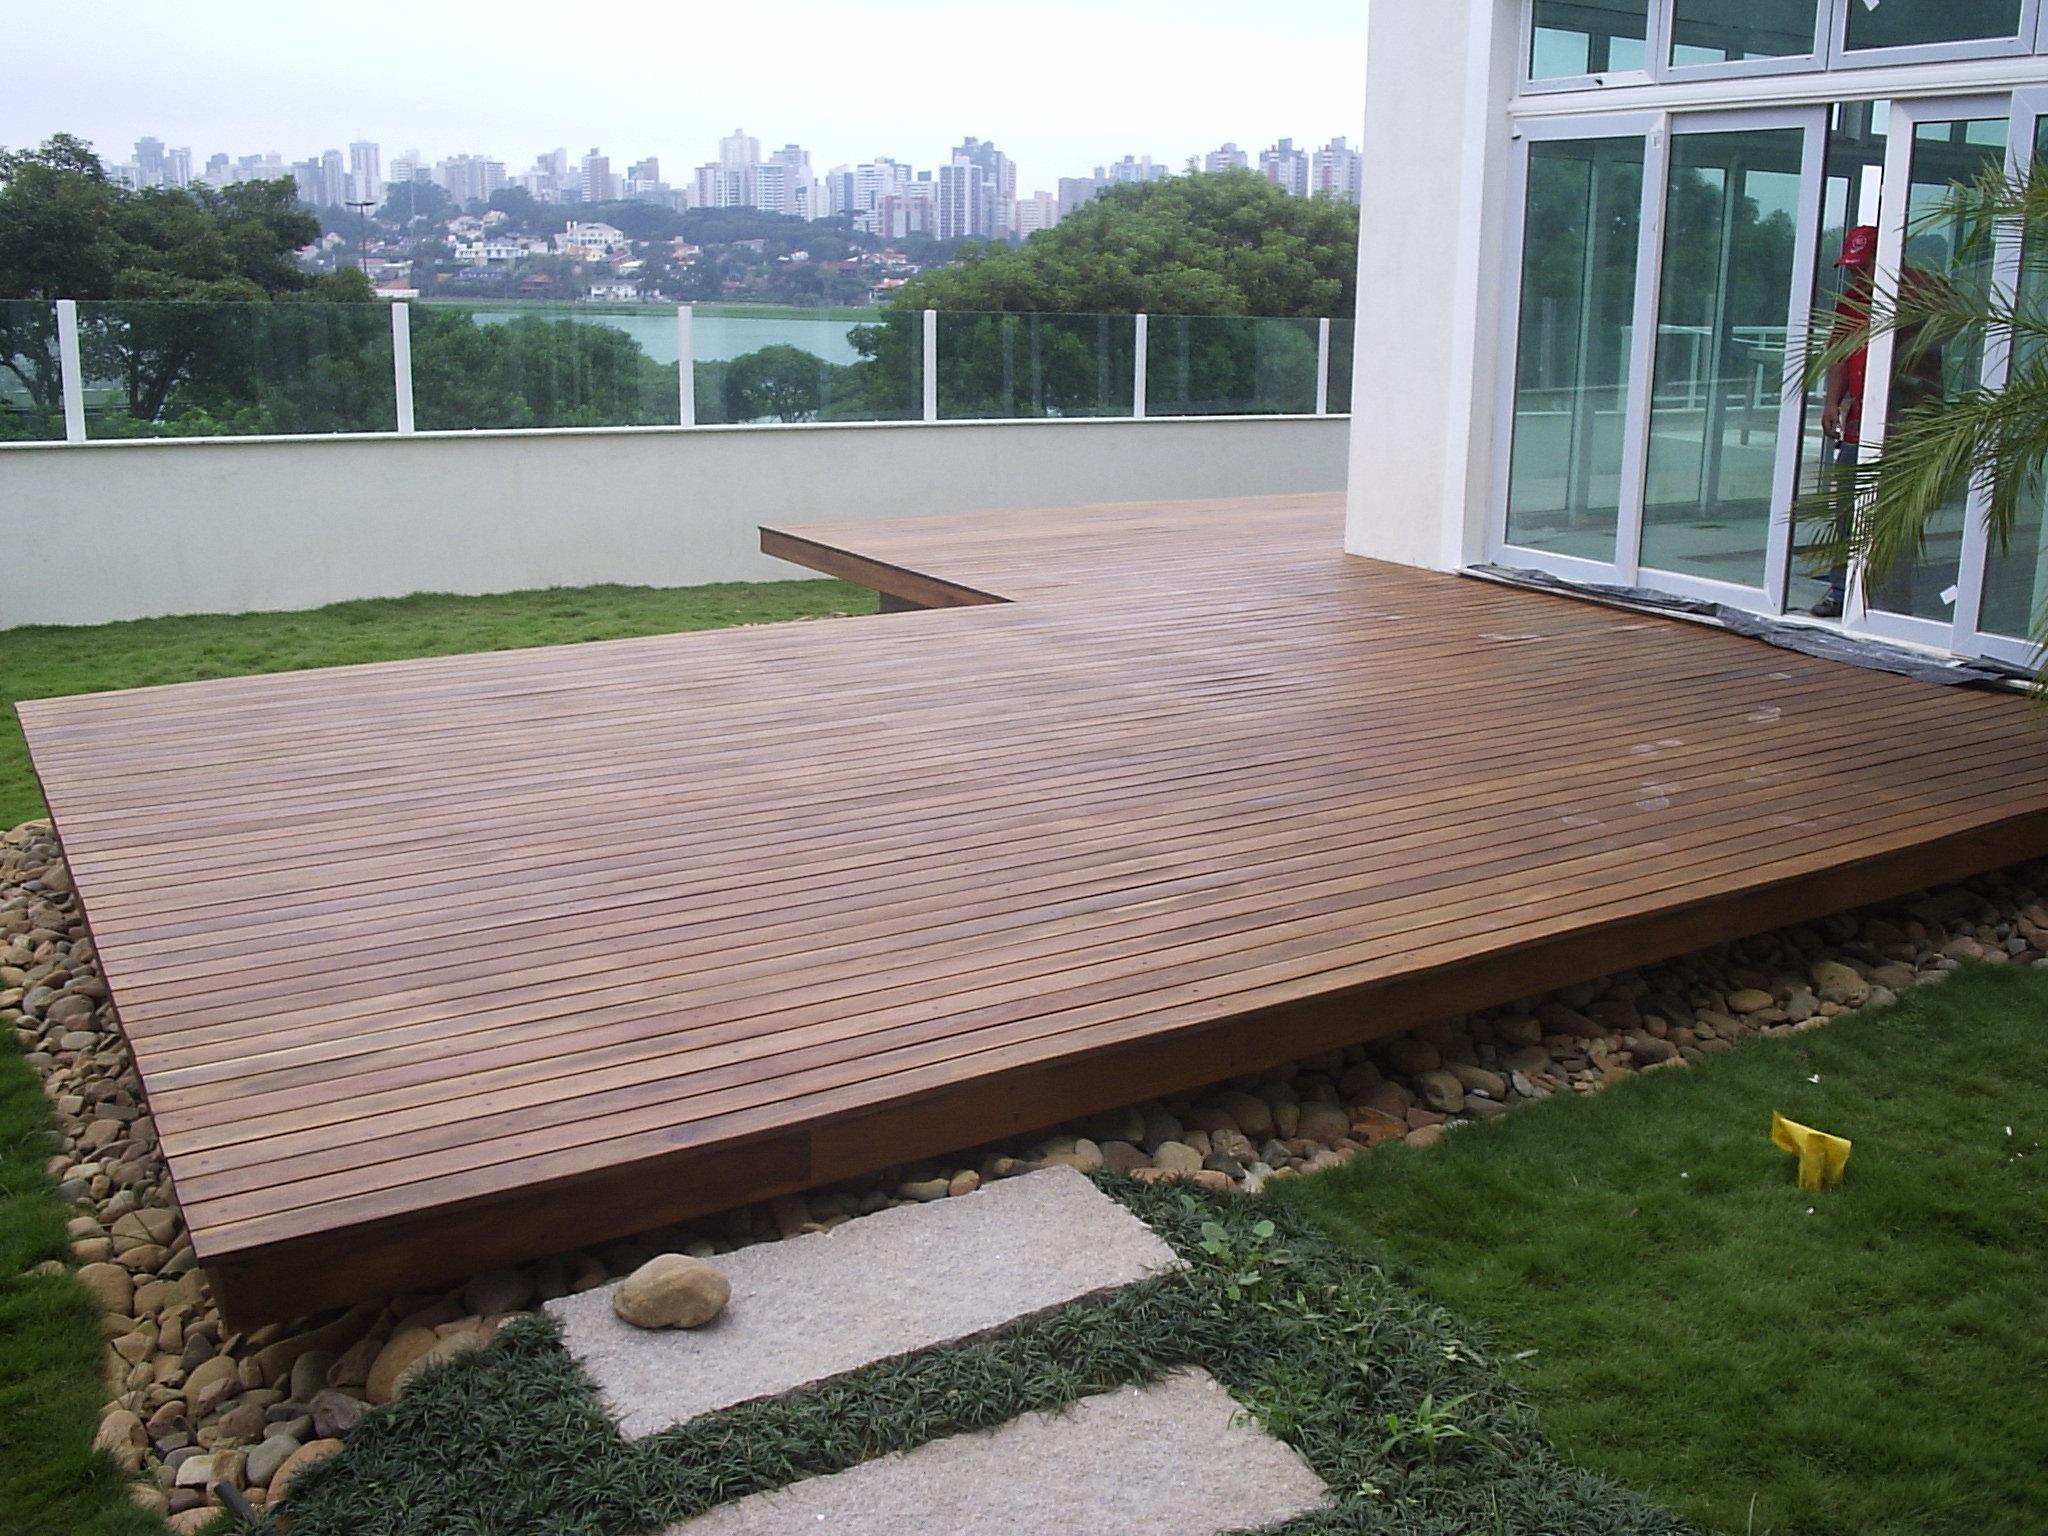 jardim deck de madeira:Platform Deck Ideas